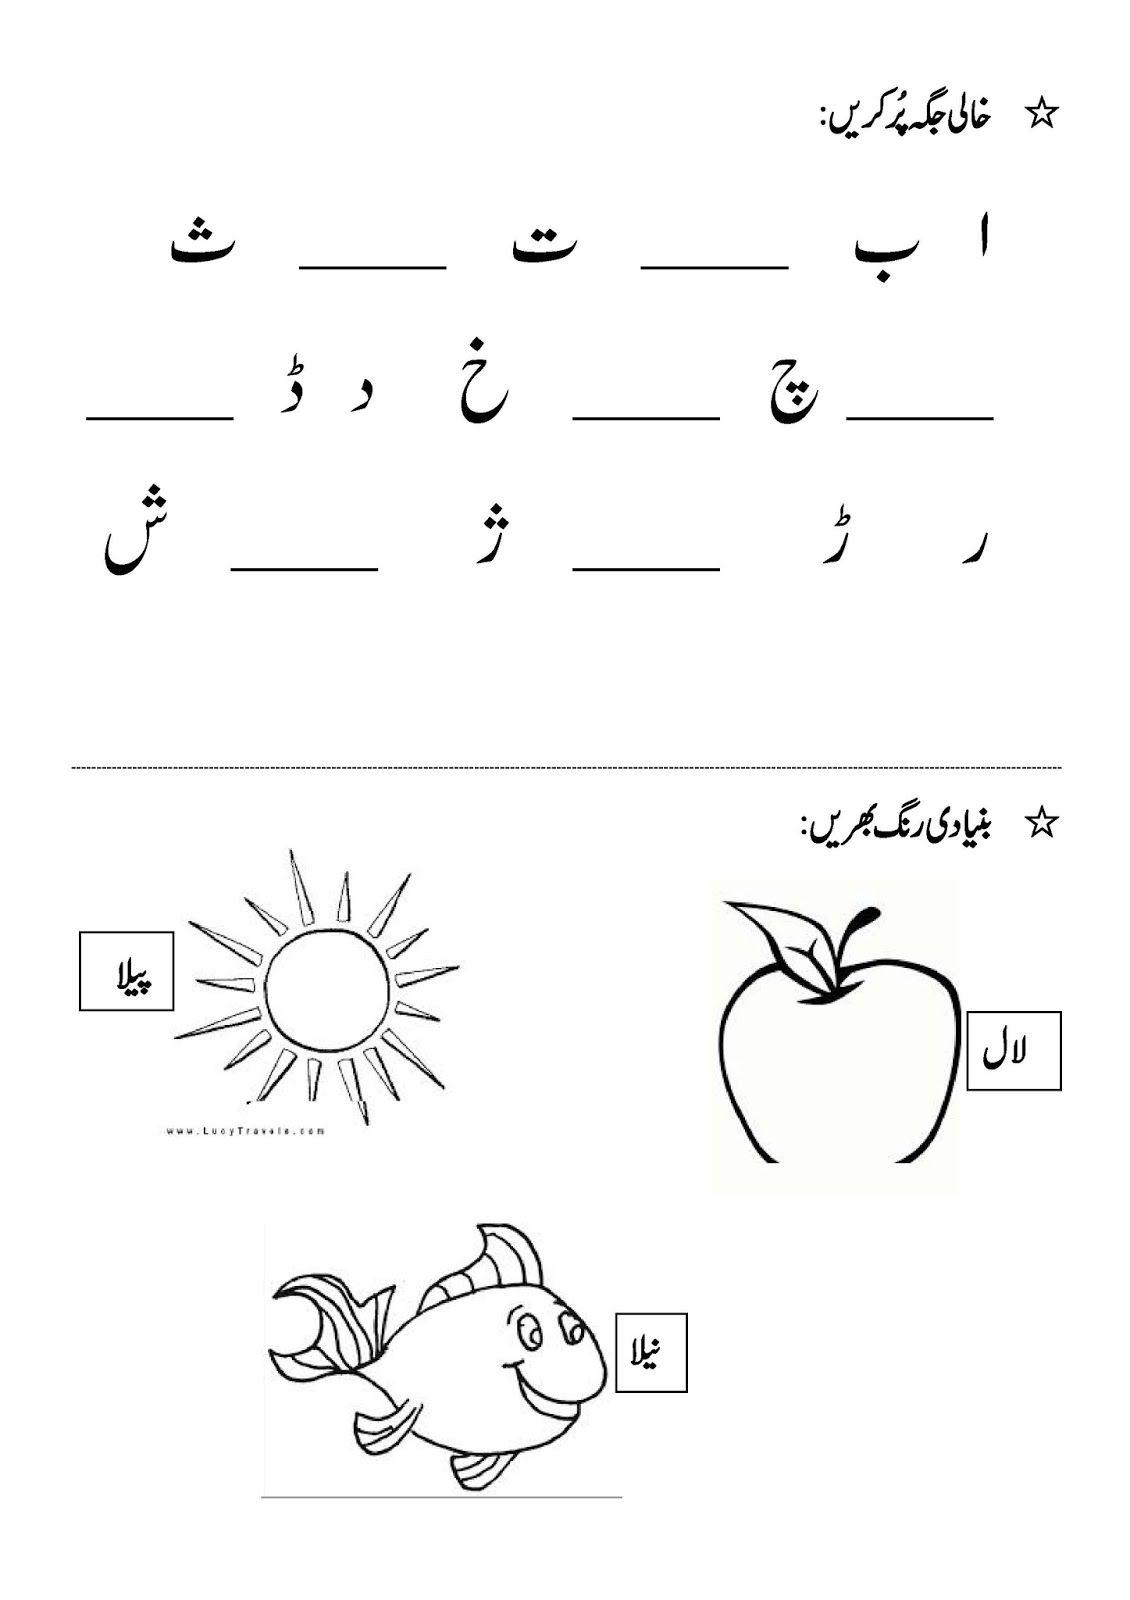 Urdu Alif Worksheet Printable Worksheets And Activities For